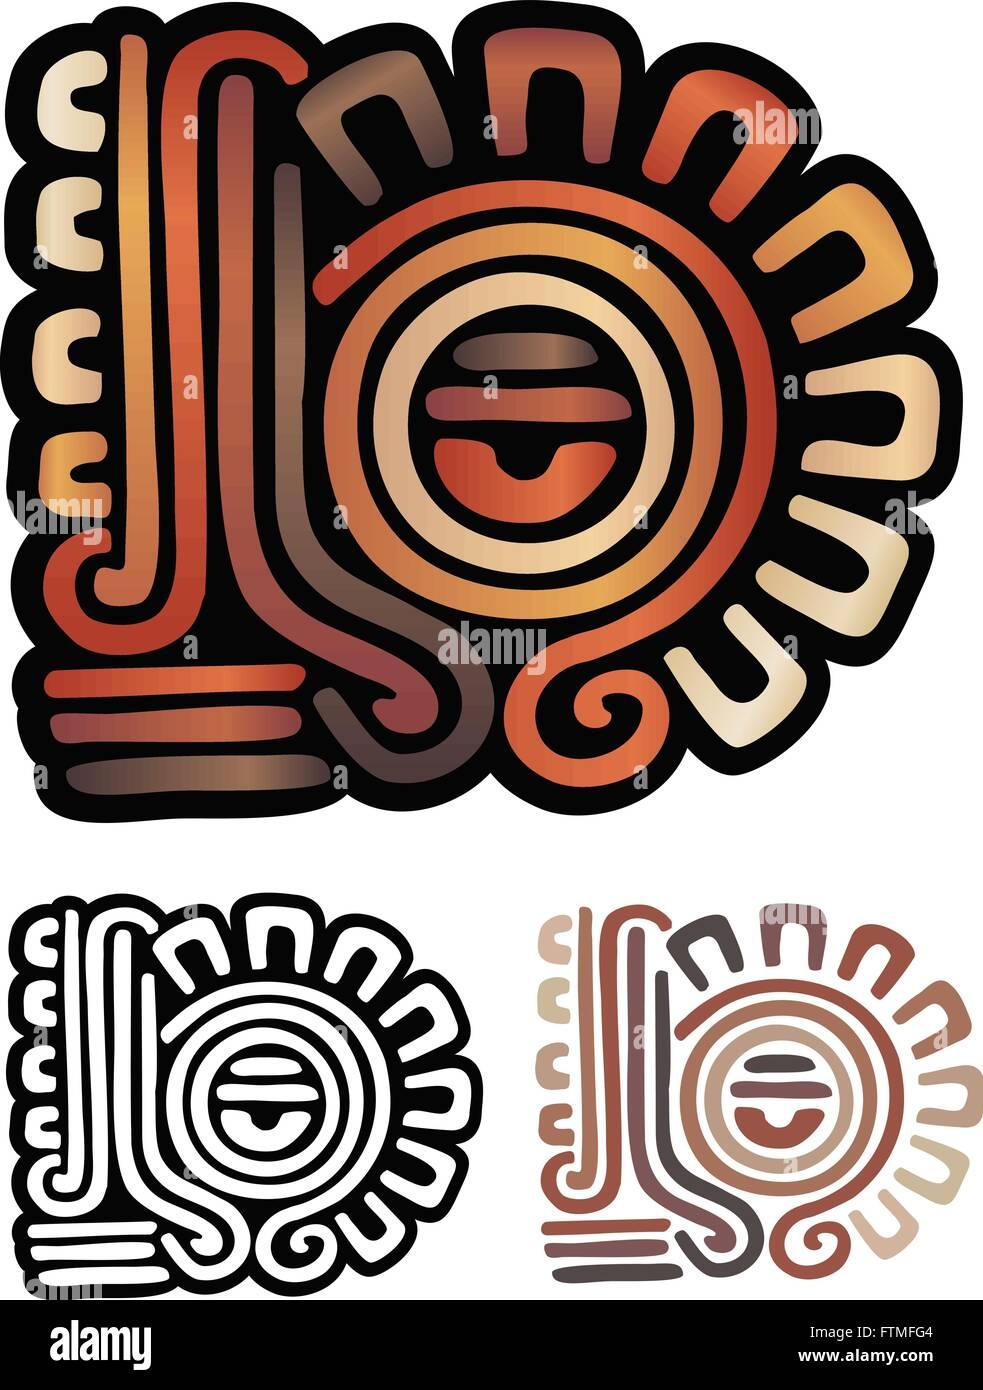 Abstract Eye Symbol From Mayan Stock Photos Abstract Eye Symbol